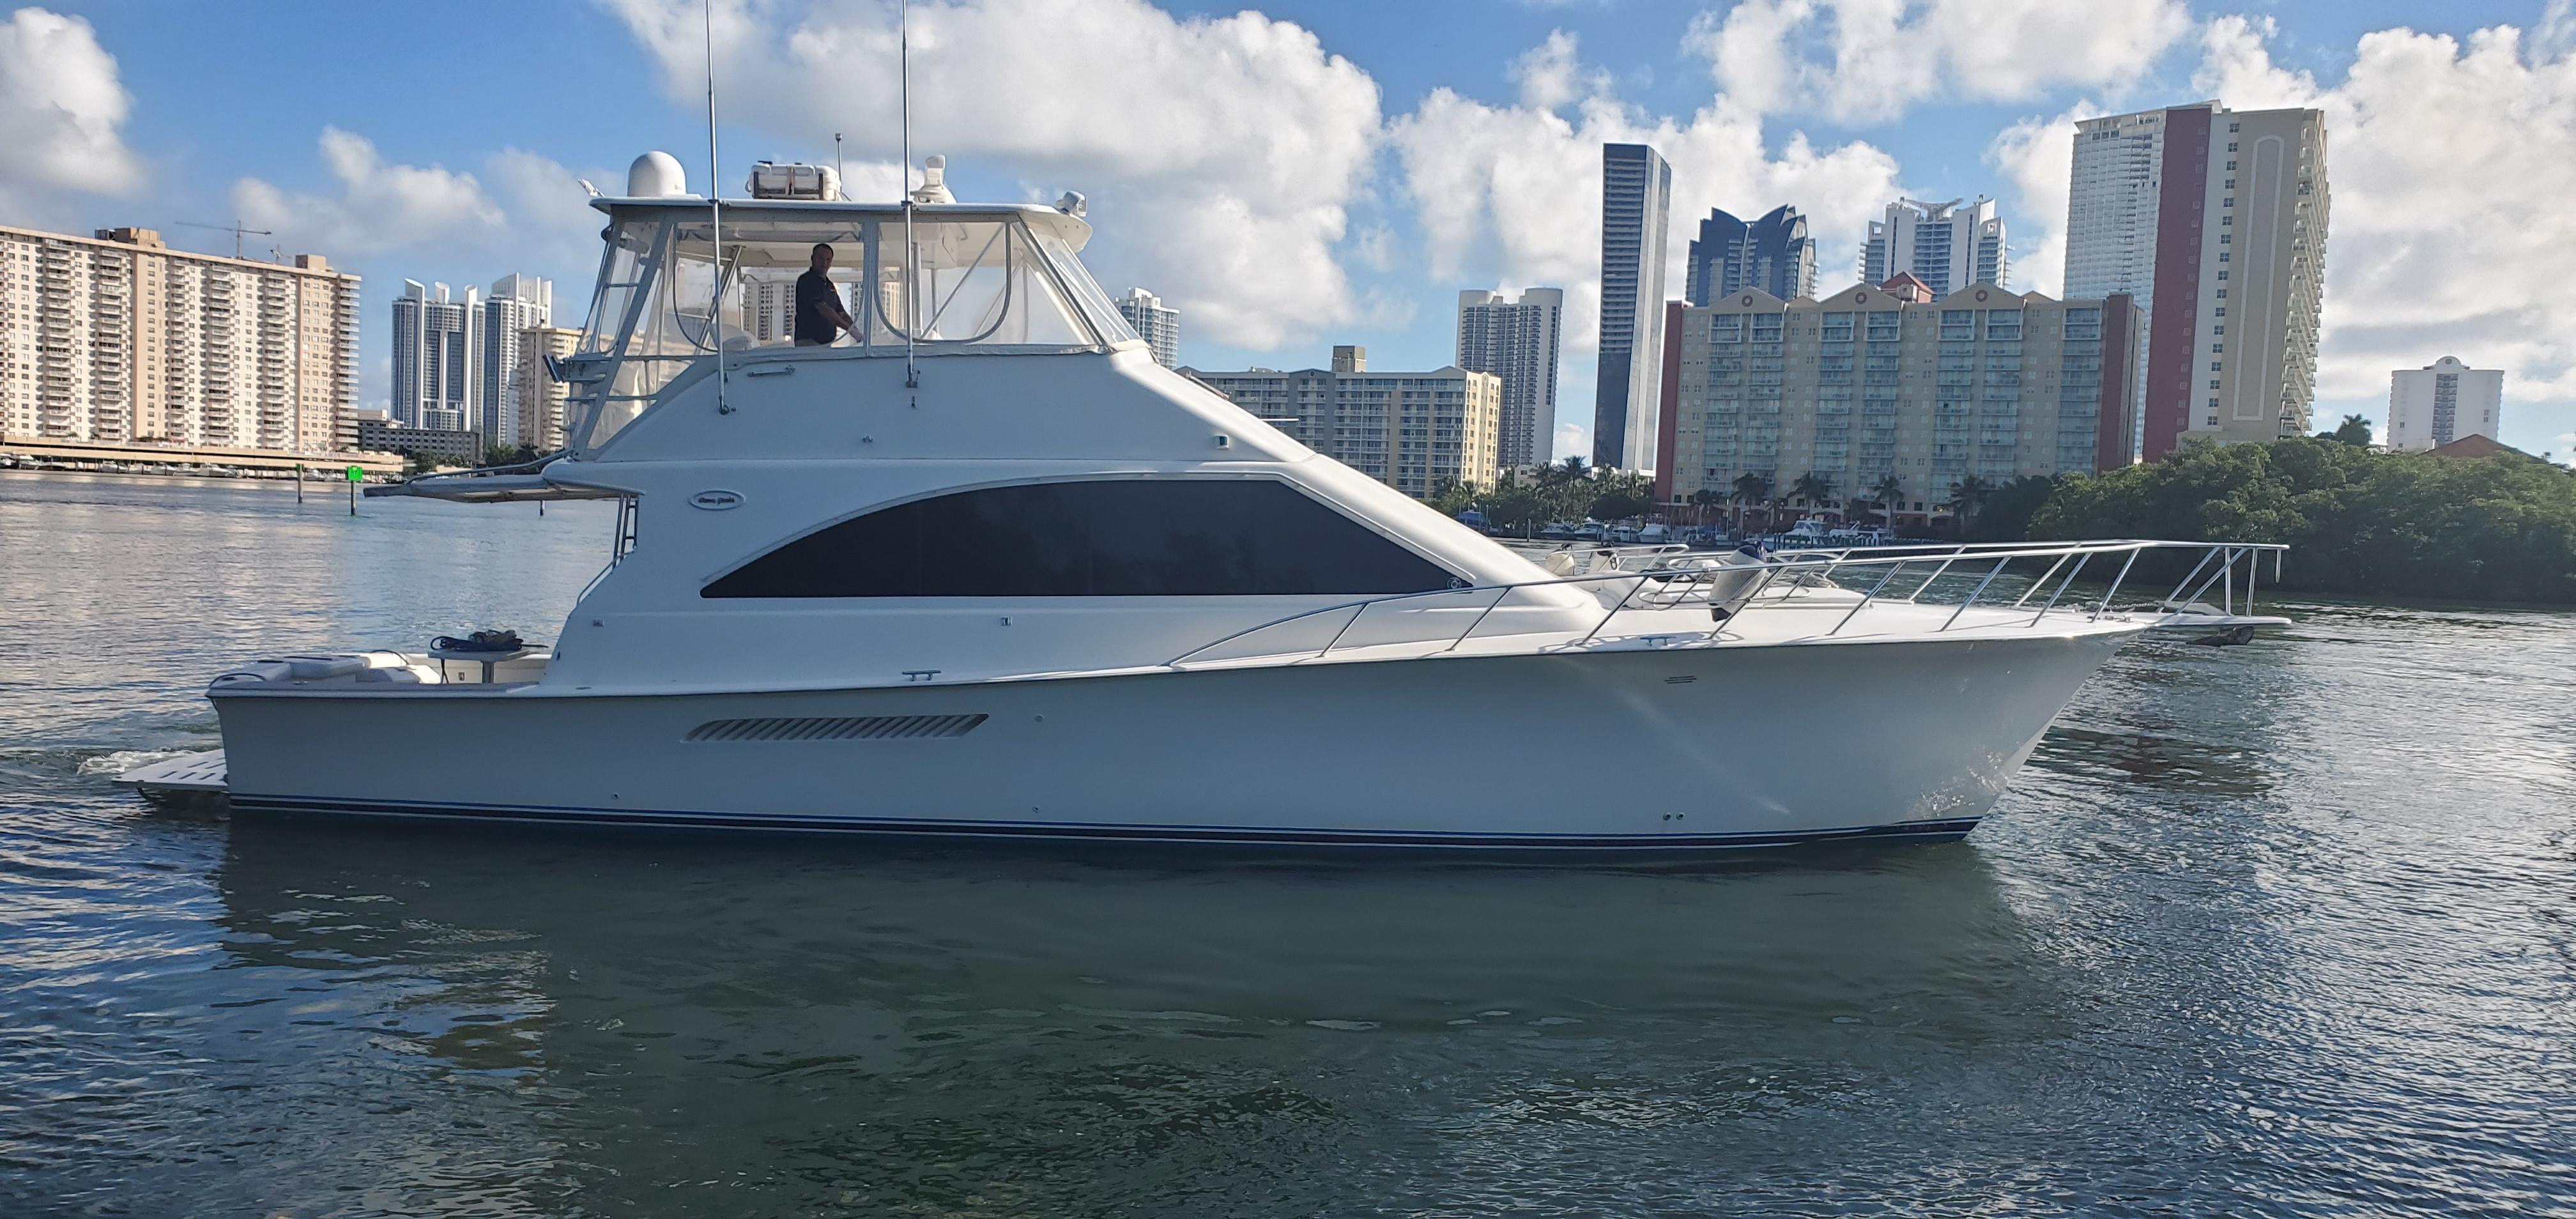 Pleasing 56 Ocean Shally 2002 Miami Denison Yacht Sales Creativecarmelina Interior Chair Design Creativecarmelinacom